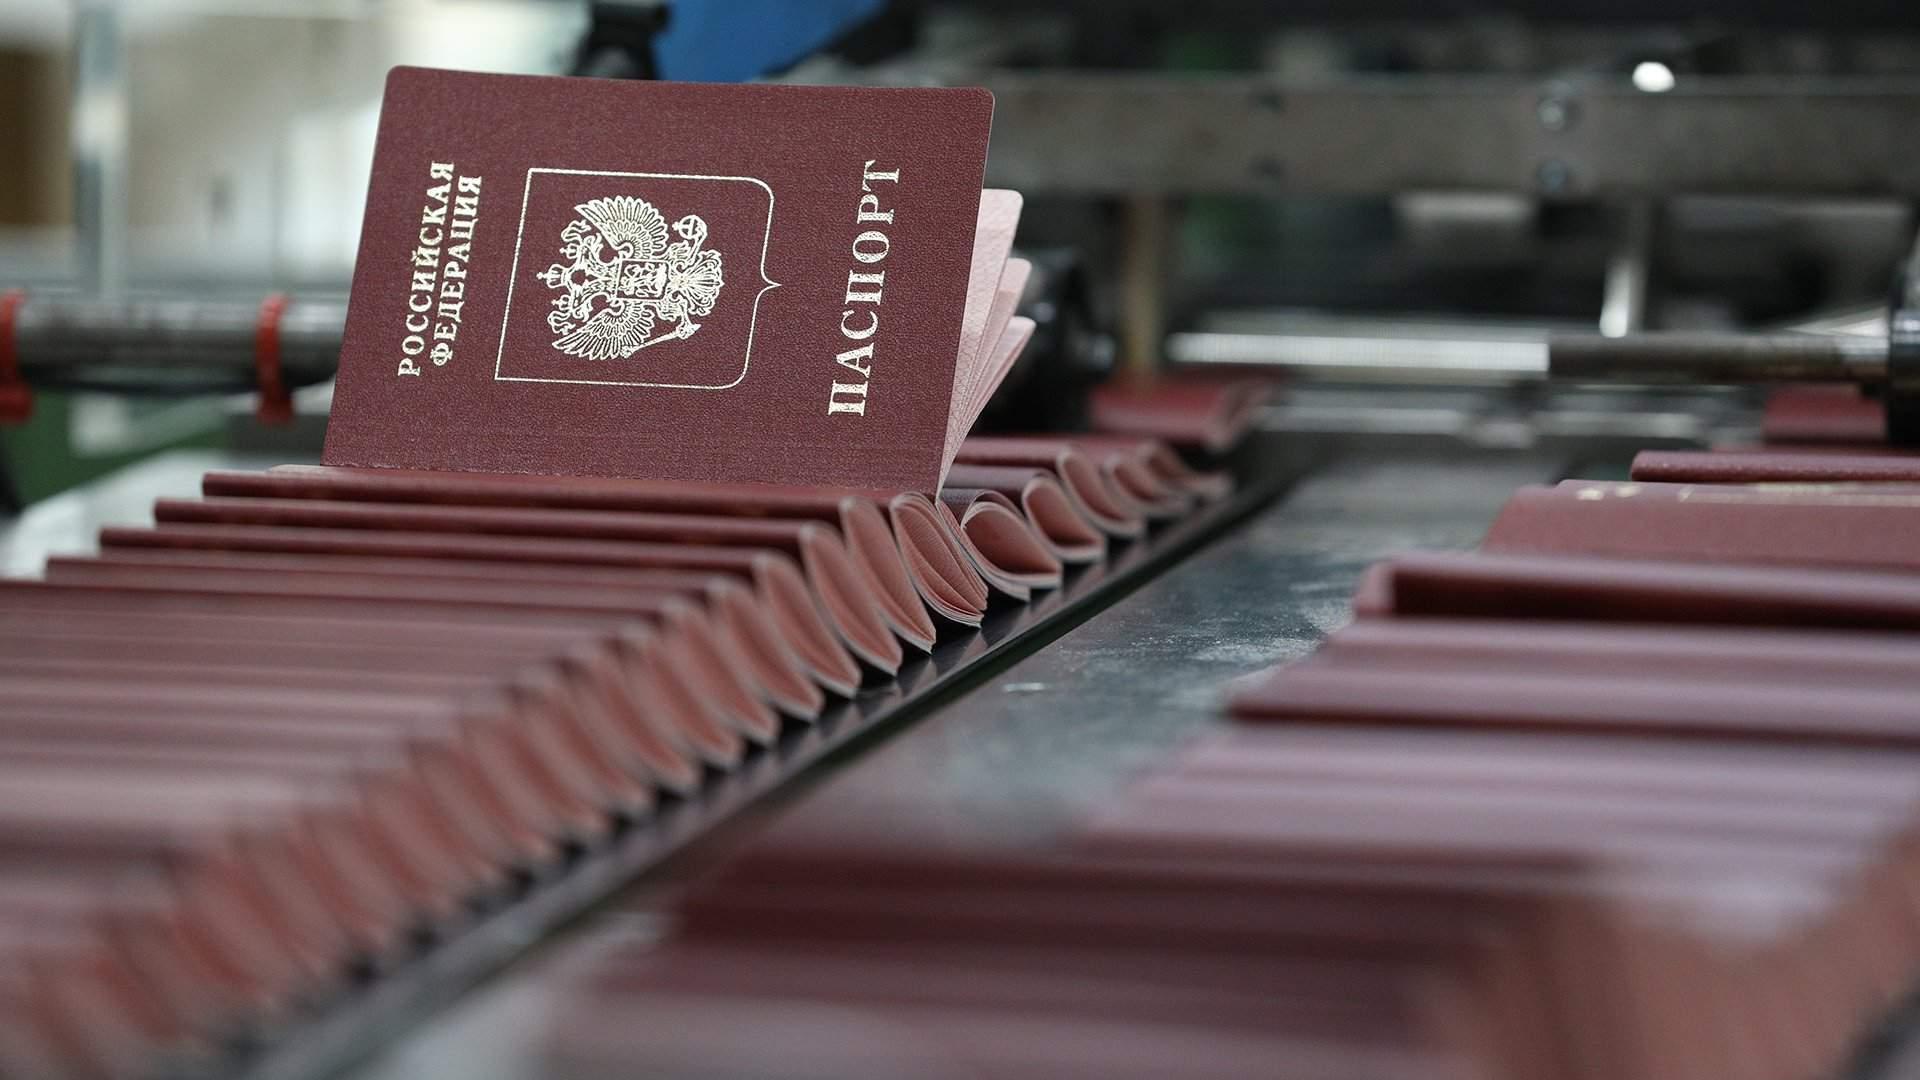 можно ли взять кредит по фотке паспорта оплата мтс с банковской карты сбербанка бонусами